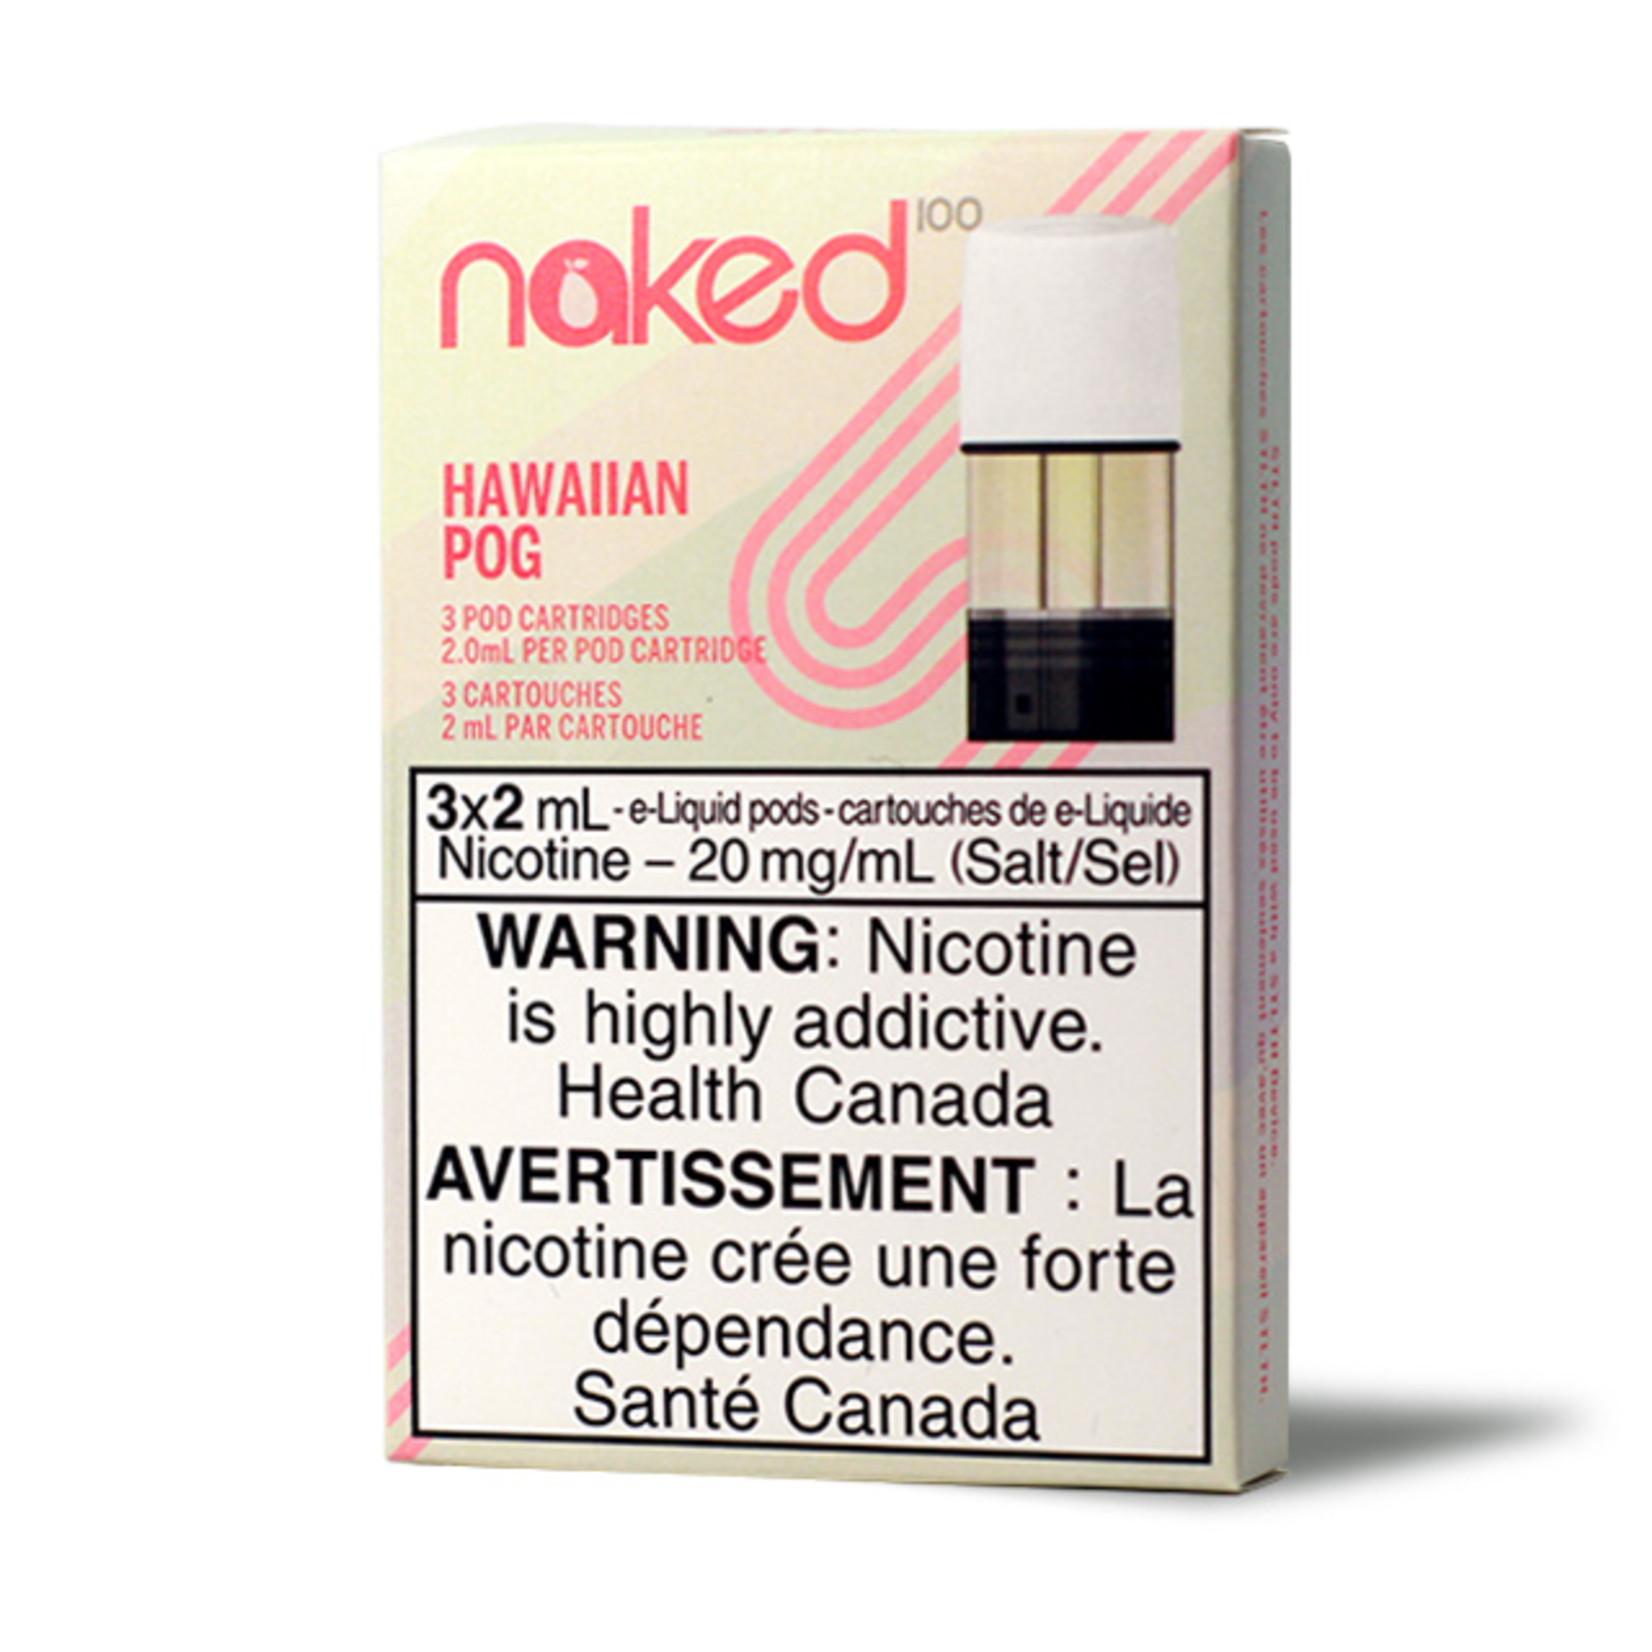 STLTH Pod Pack - Naked 100 -  Hawaiian Pog